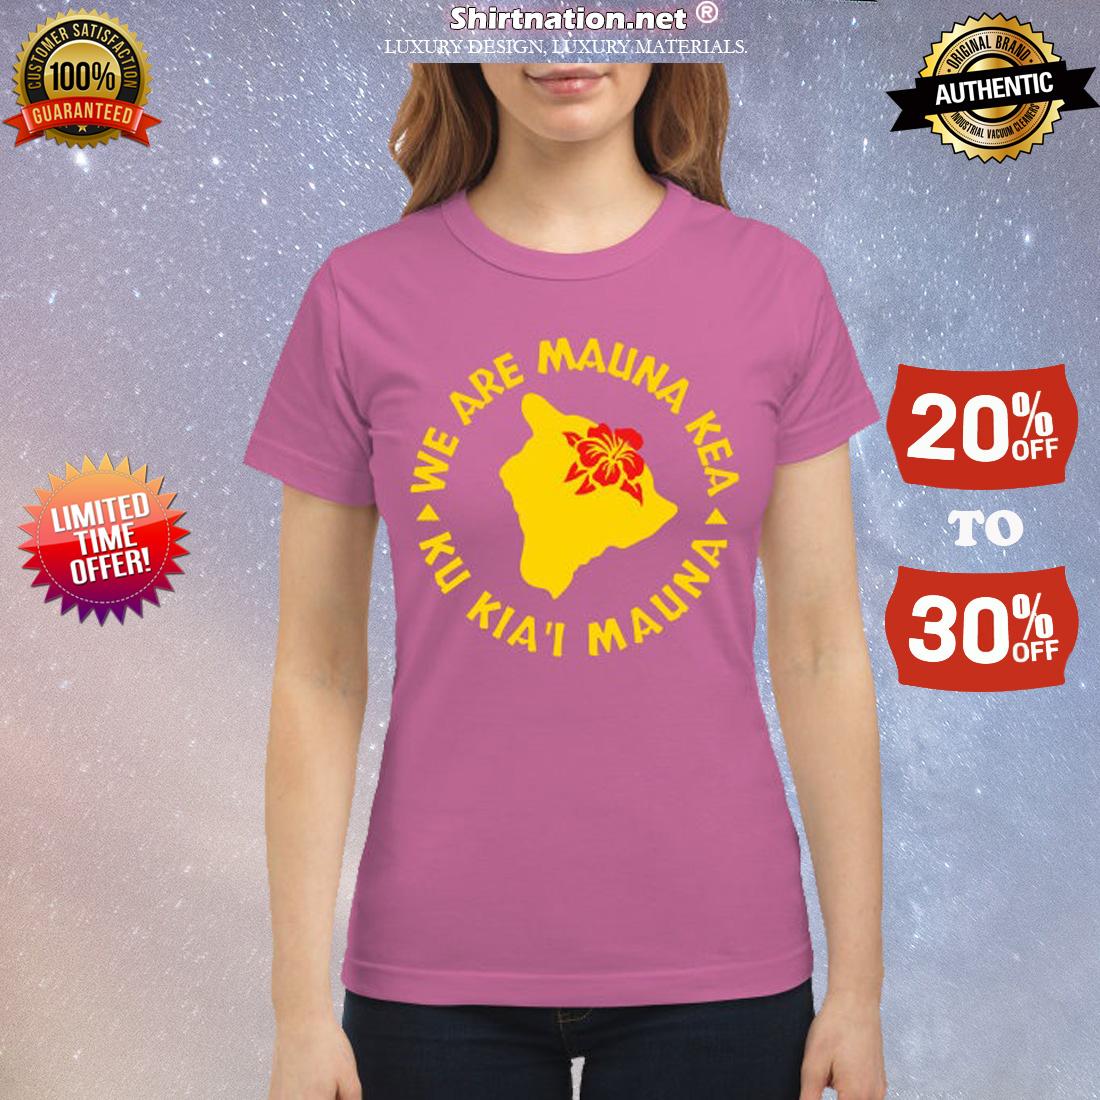 We are Mauna Kea Ku Kia'i Maunna classic shirt